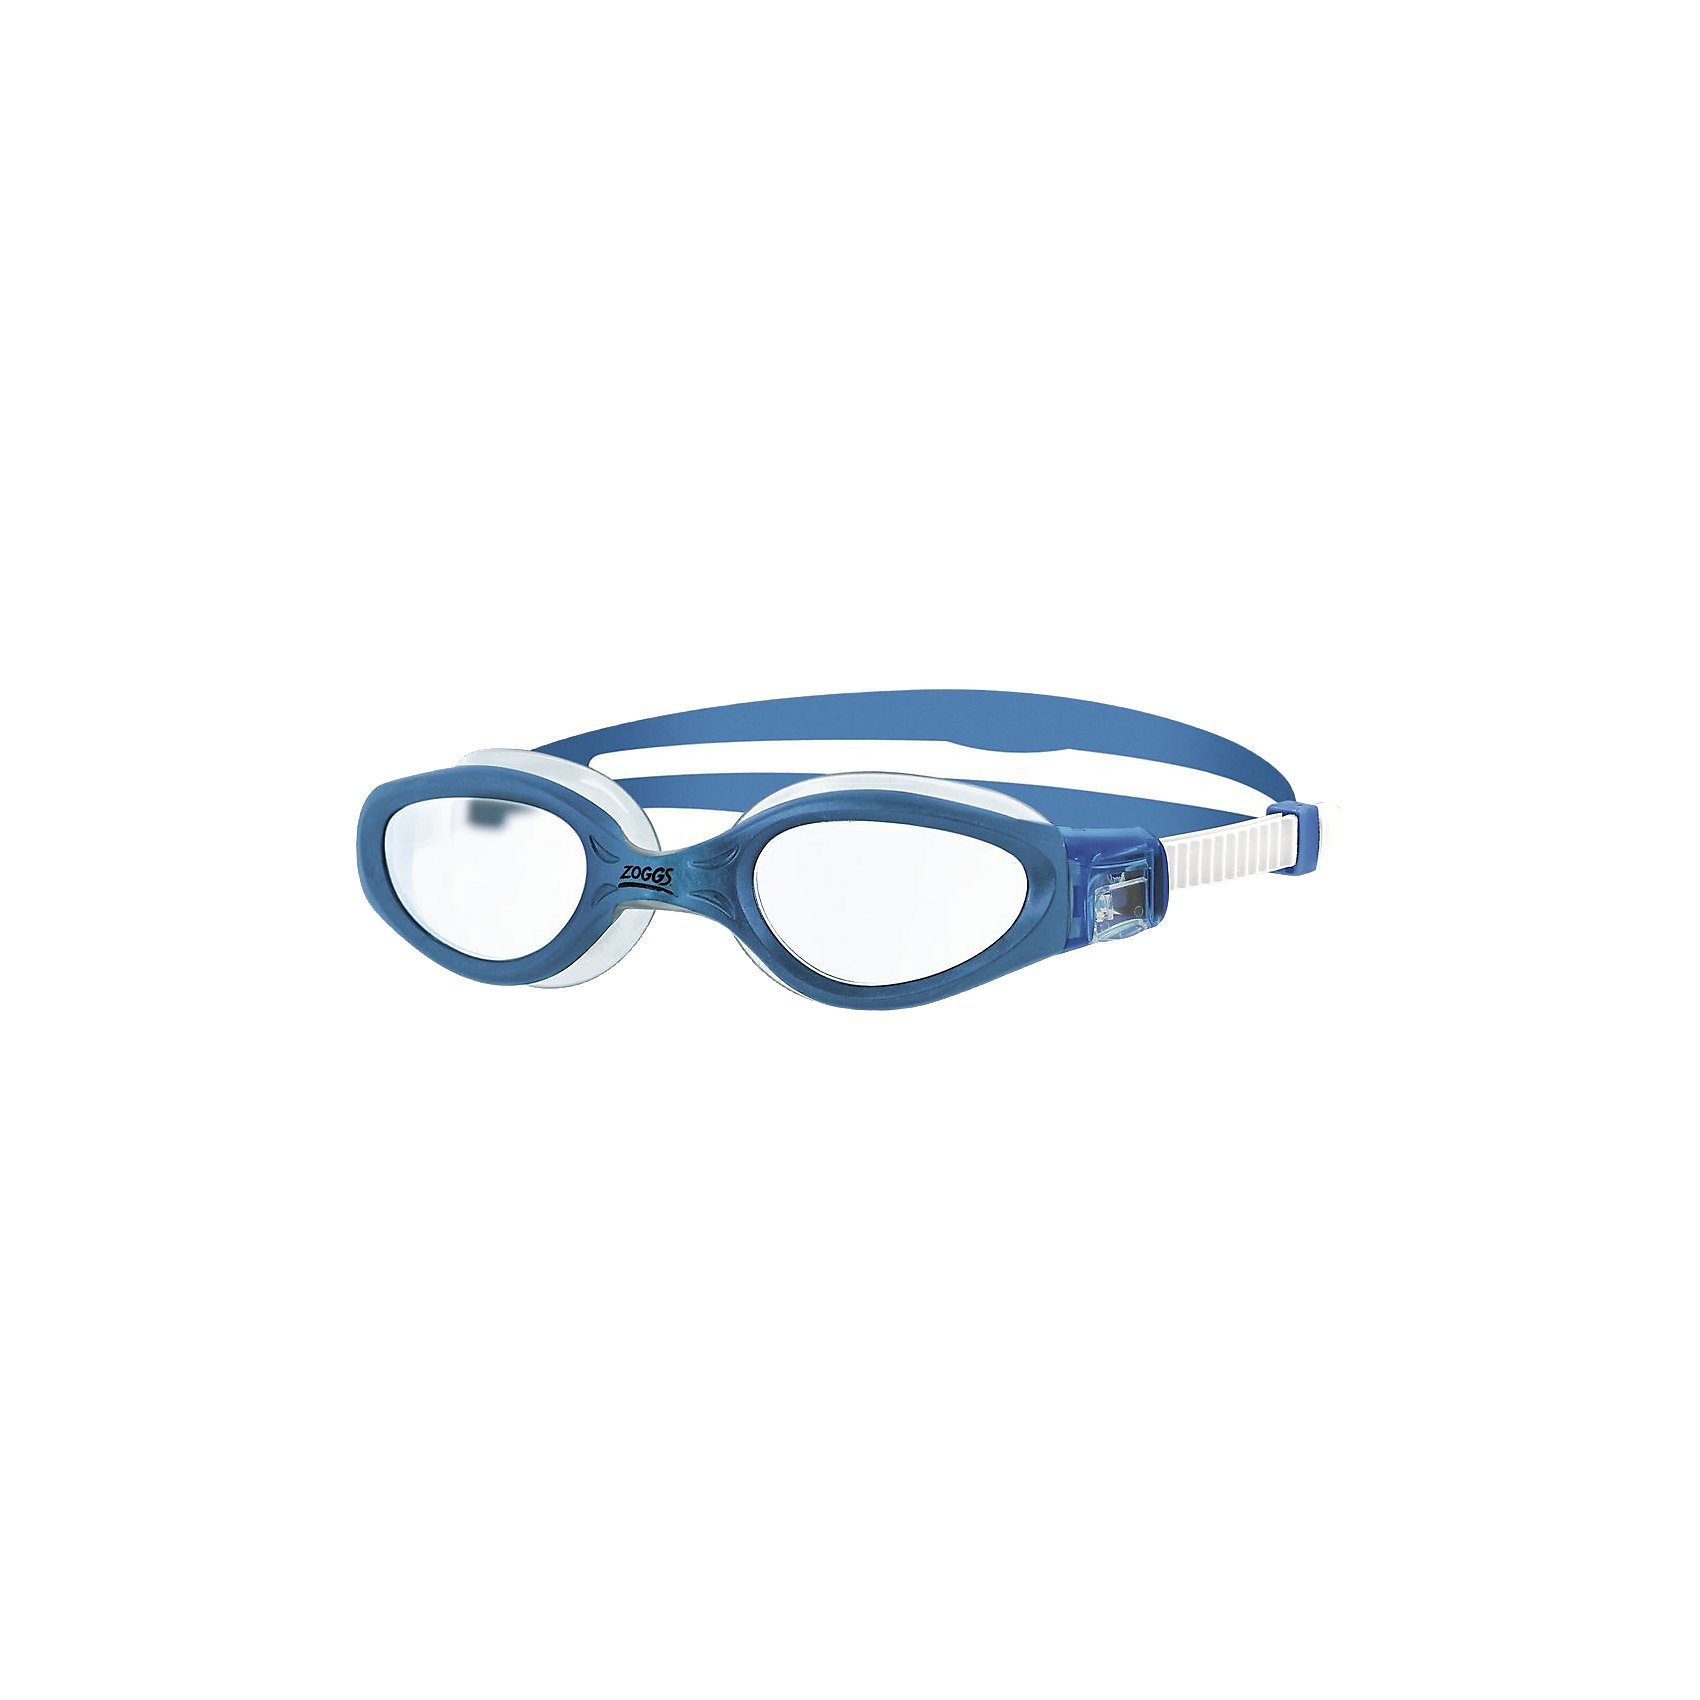 Zoggs Schwimmbrille Phantom Elite, blau